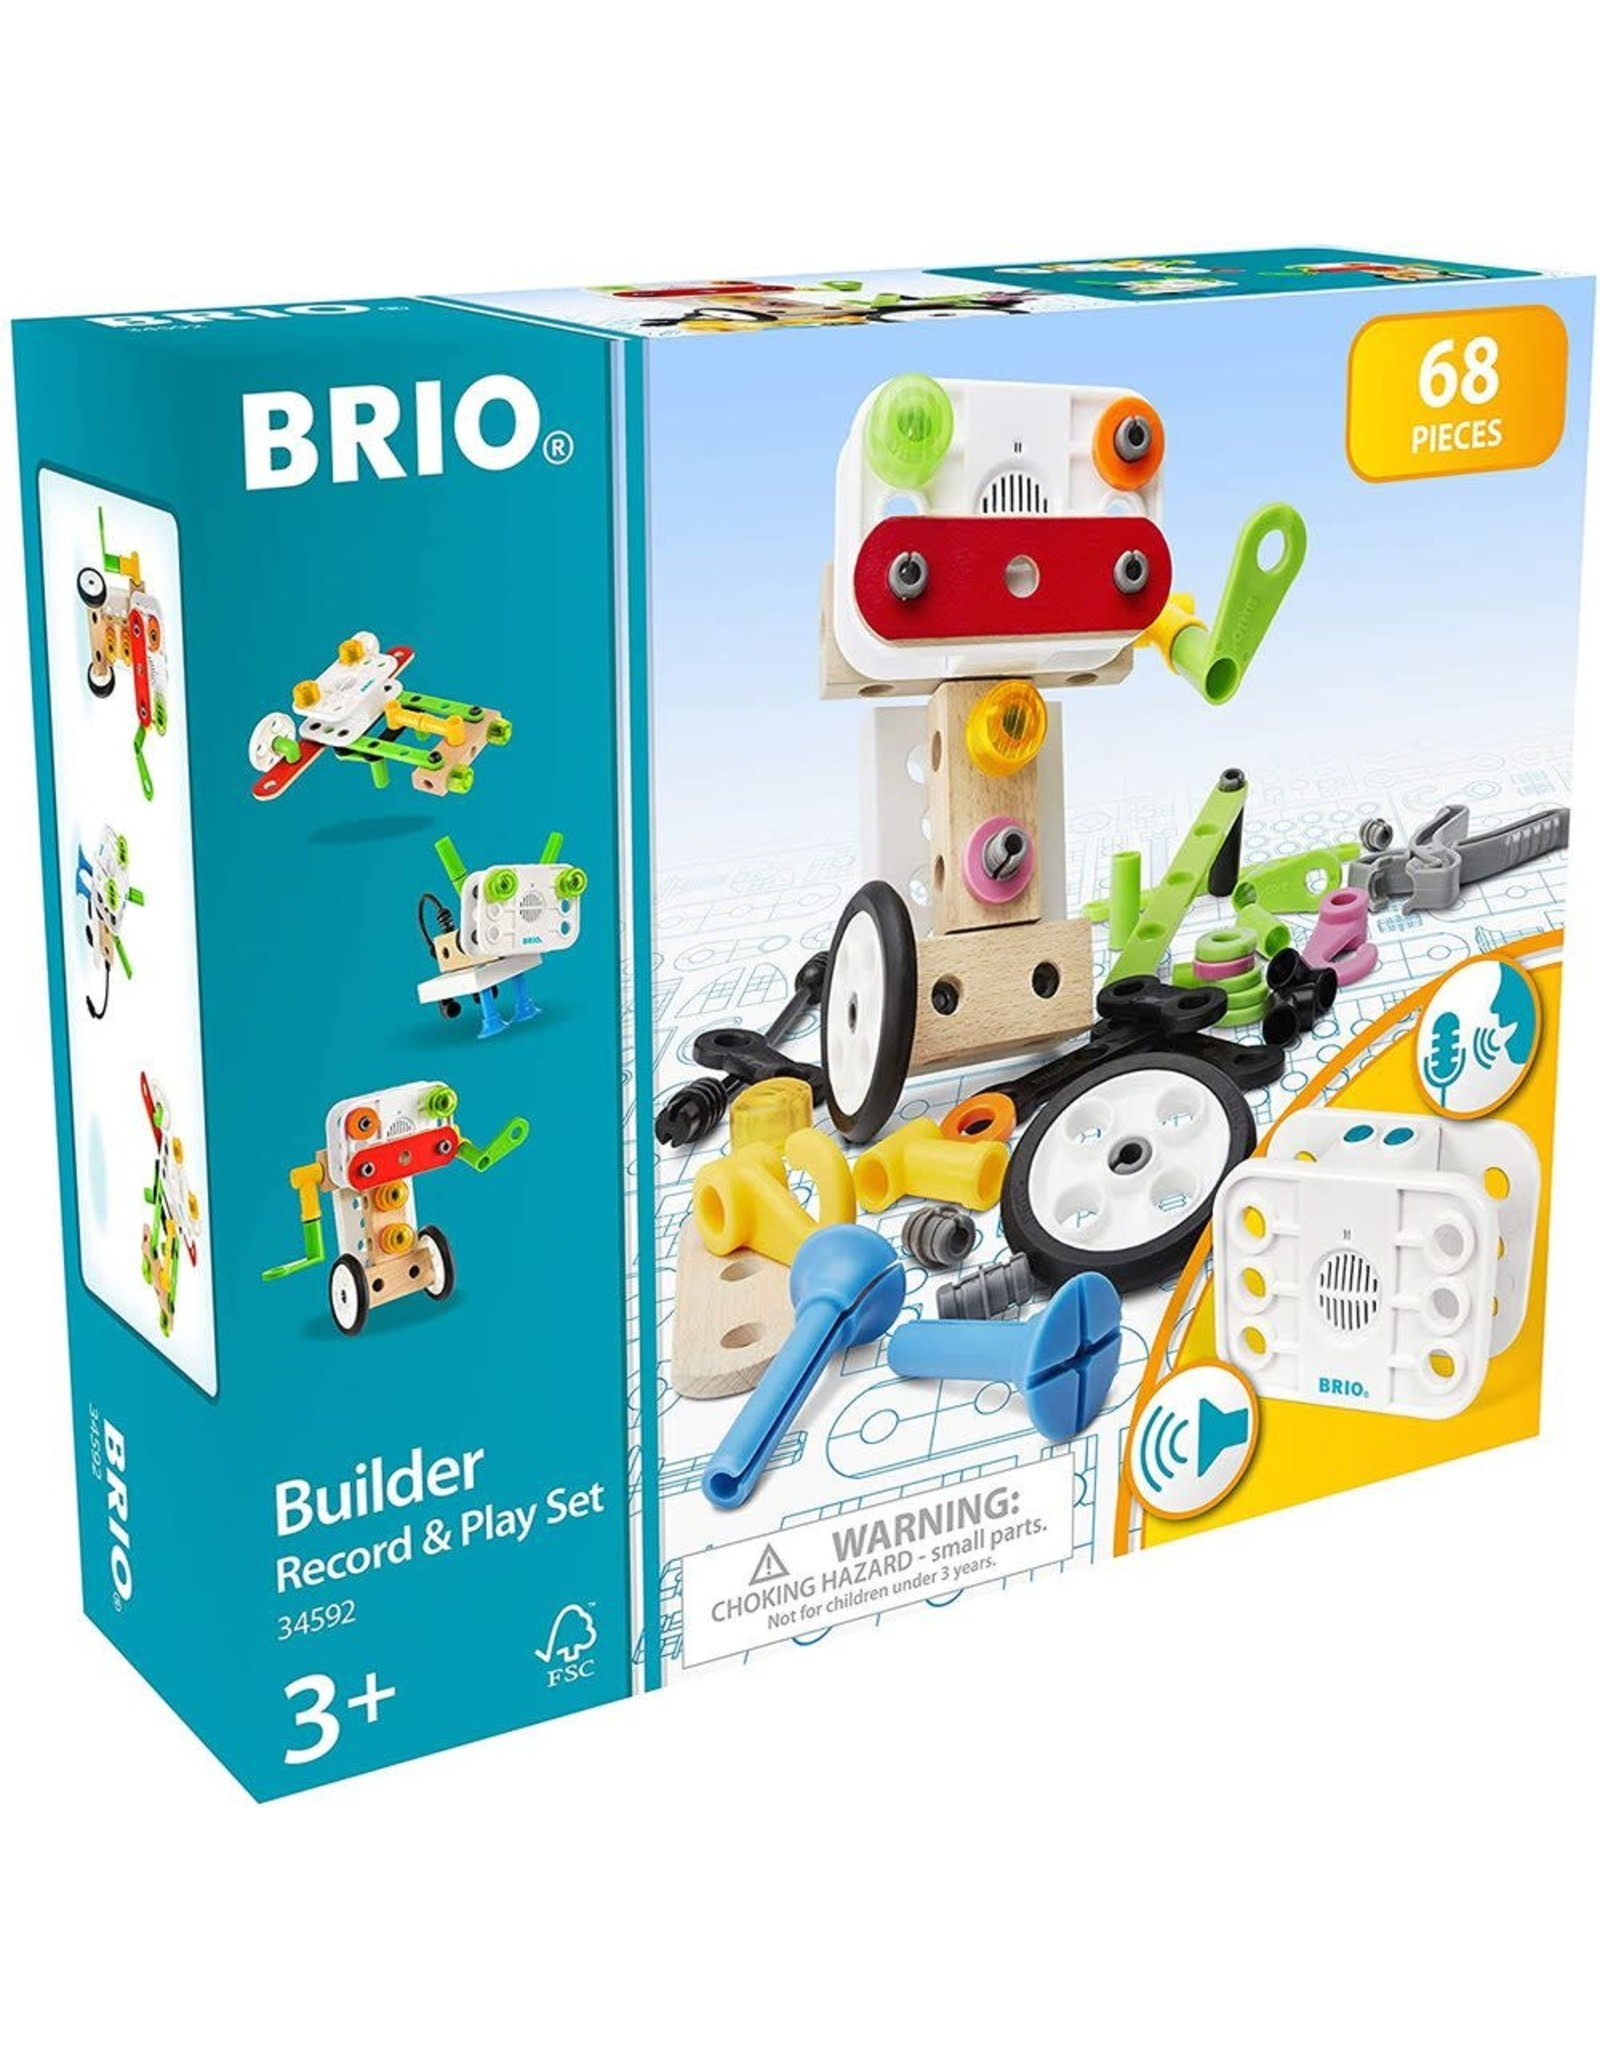 Brio Builder Record & Play Set